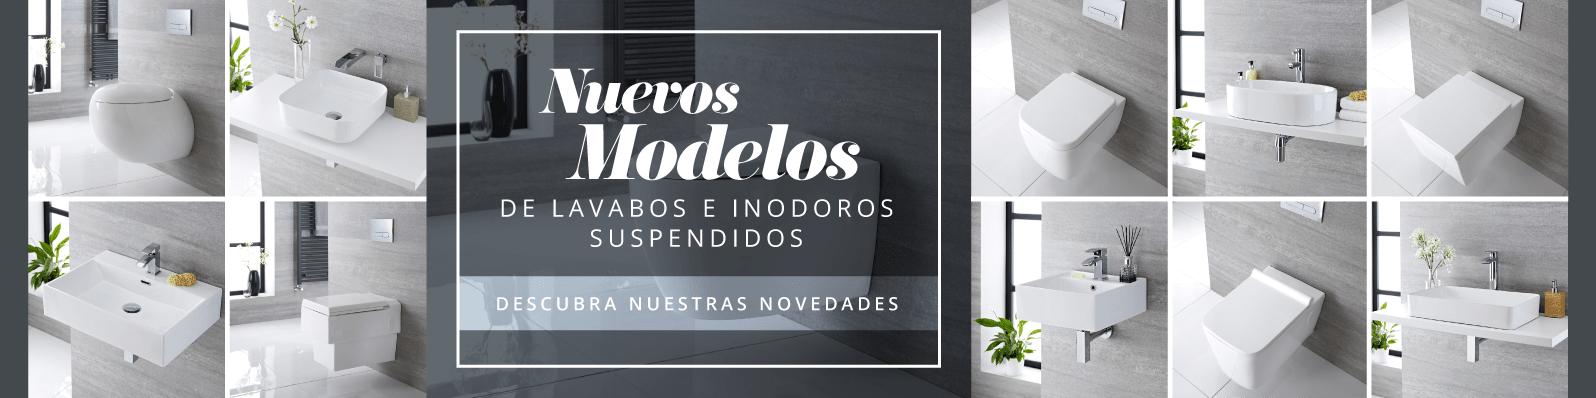 Nuevos Modelos de Lavabos e Inodoros Suspendidos - Descubra Nuestras Novedades